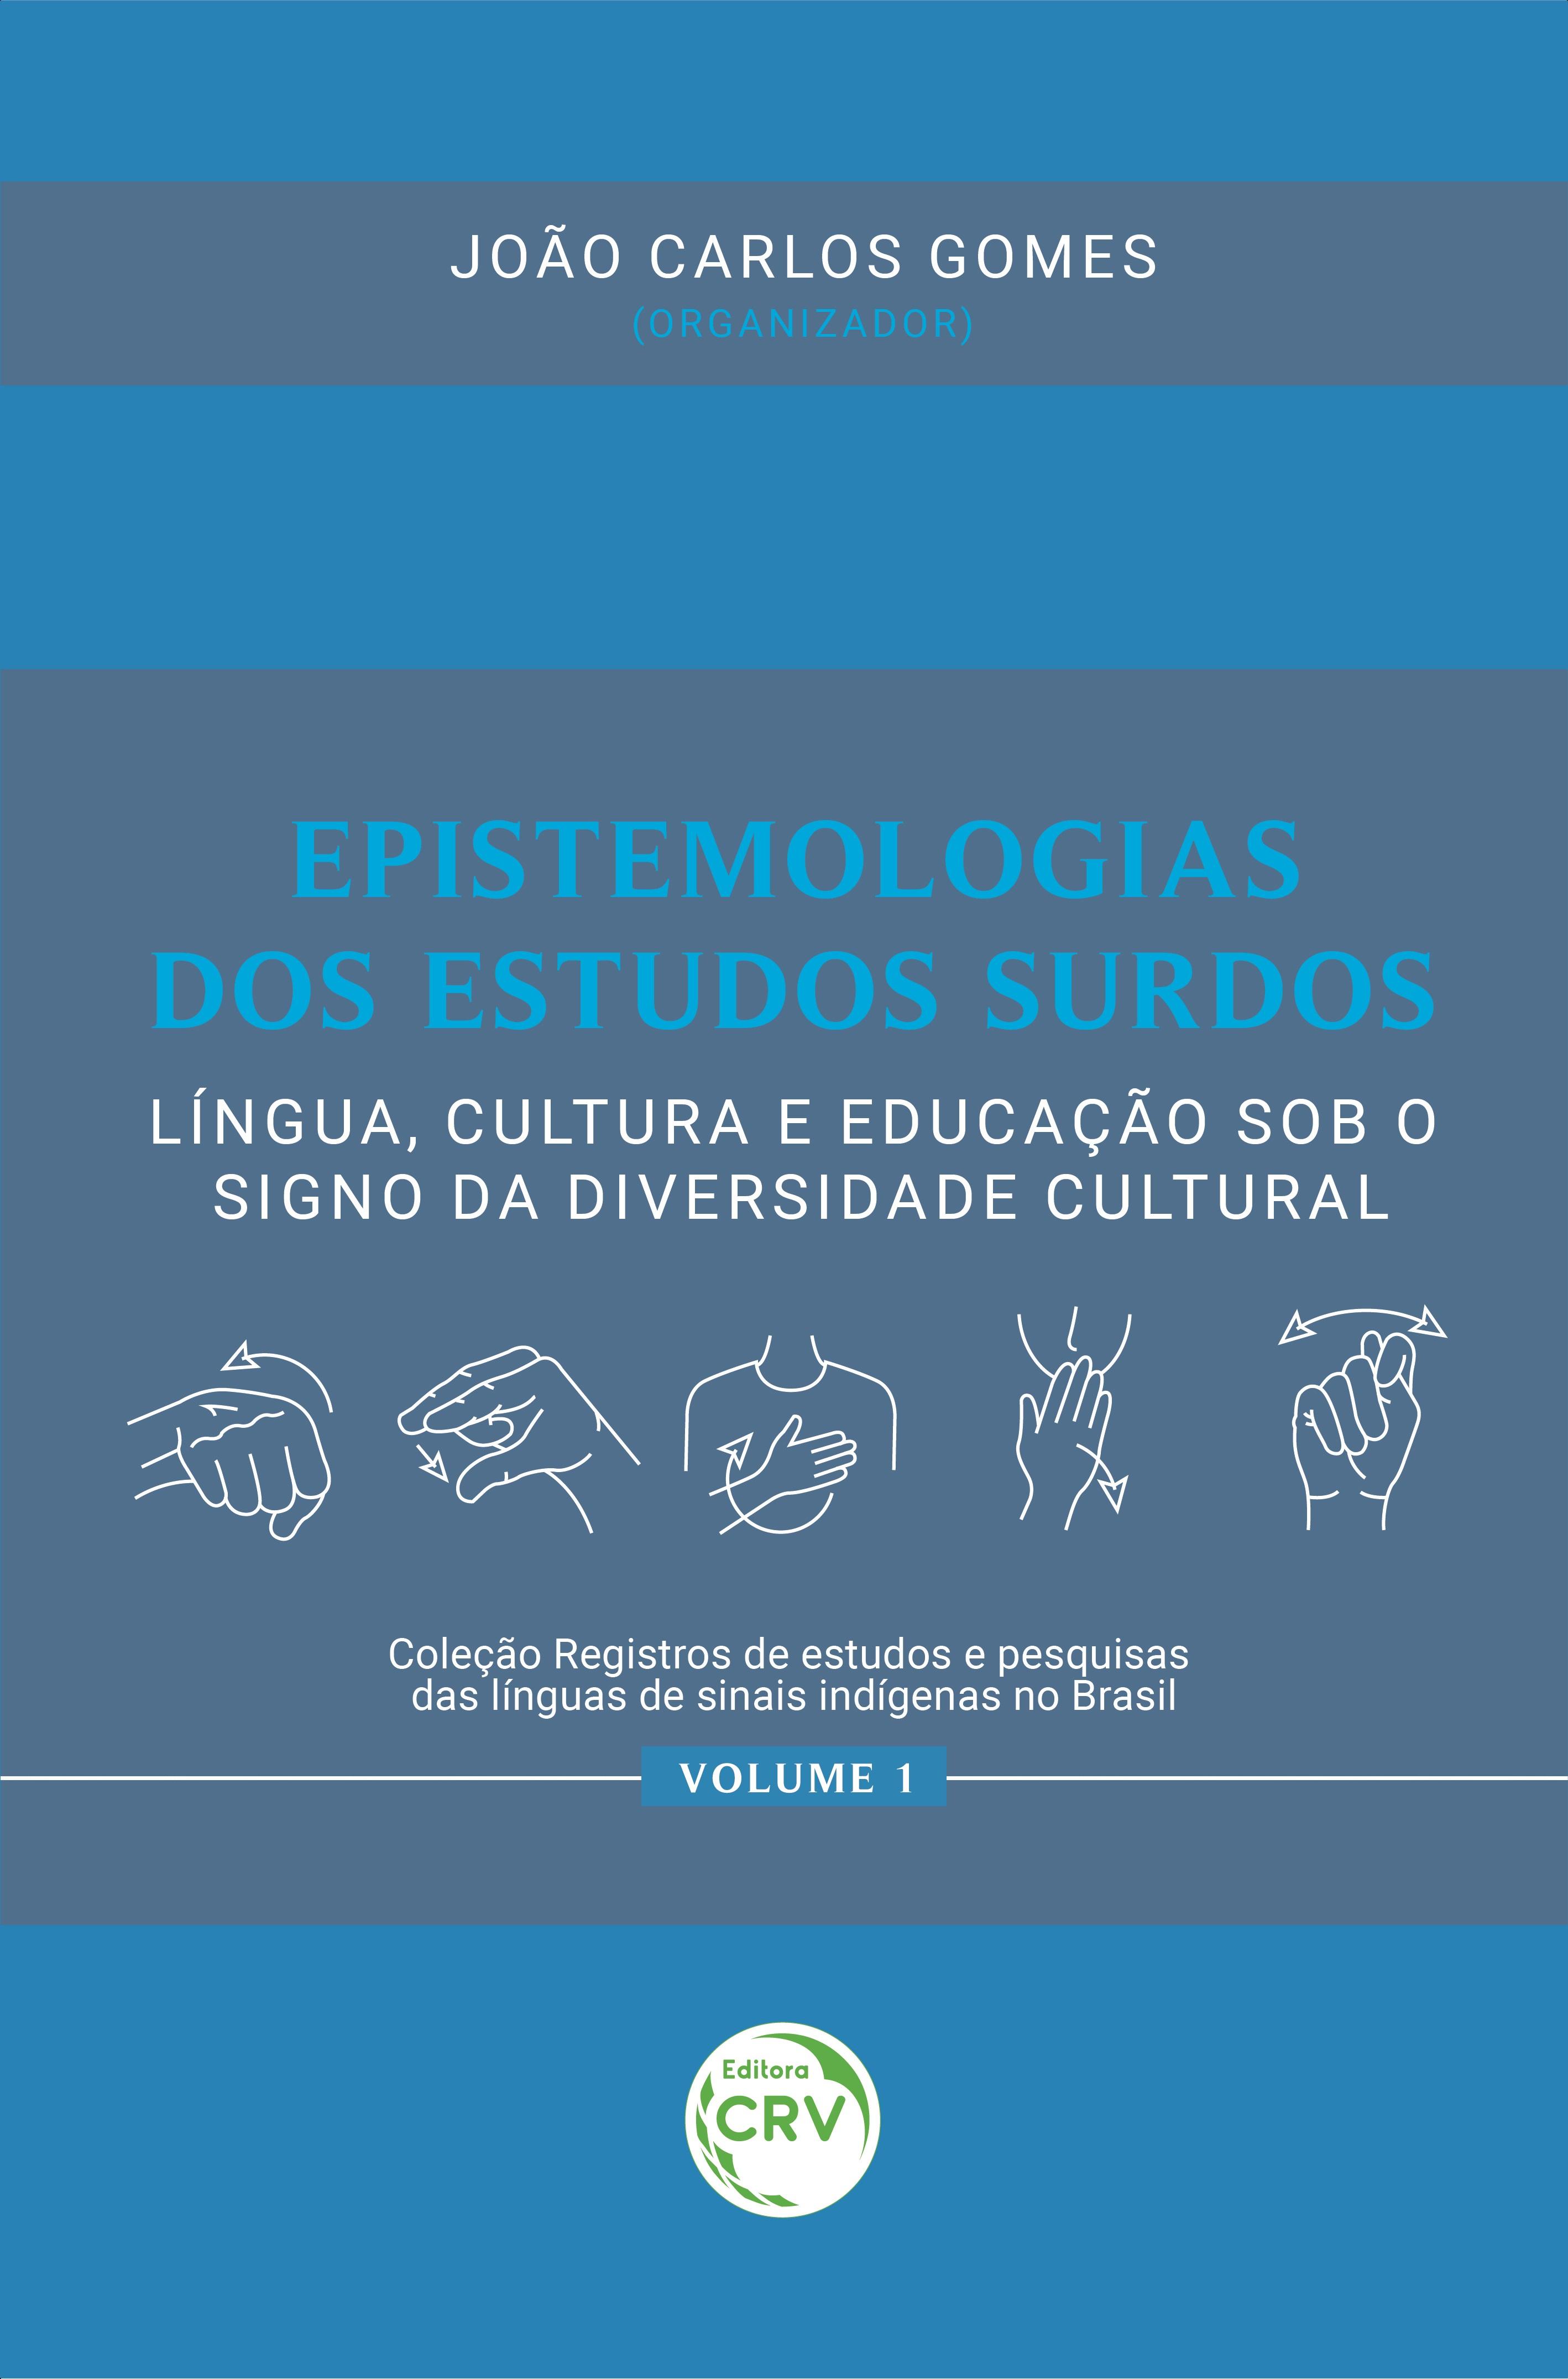 Capa do livro: EPISTEMOLOGIAS DOS ESTUDOS SURDOS: <br>língua, cultura e educação sob o signo da diversidade cultural <br> <br>Coleção Registros de estudos e pesquisas das línguas de sinais indígenas no Brasil - Volume 1